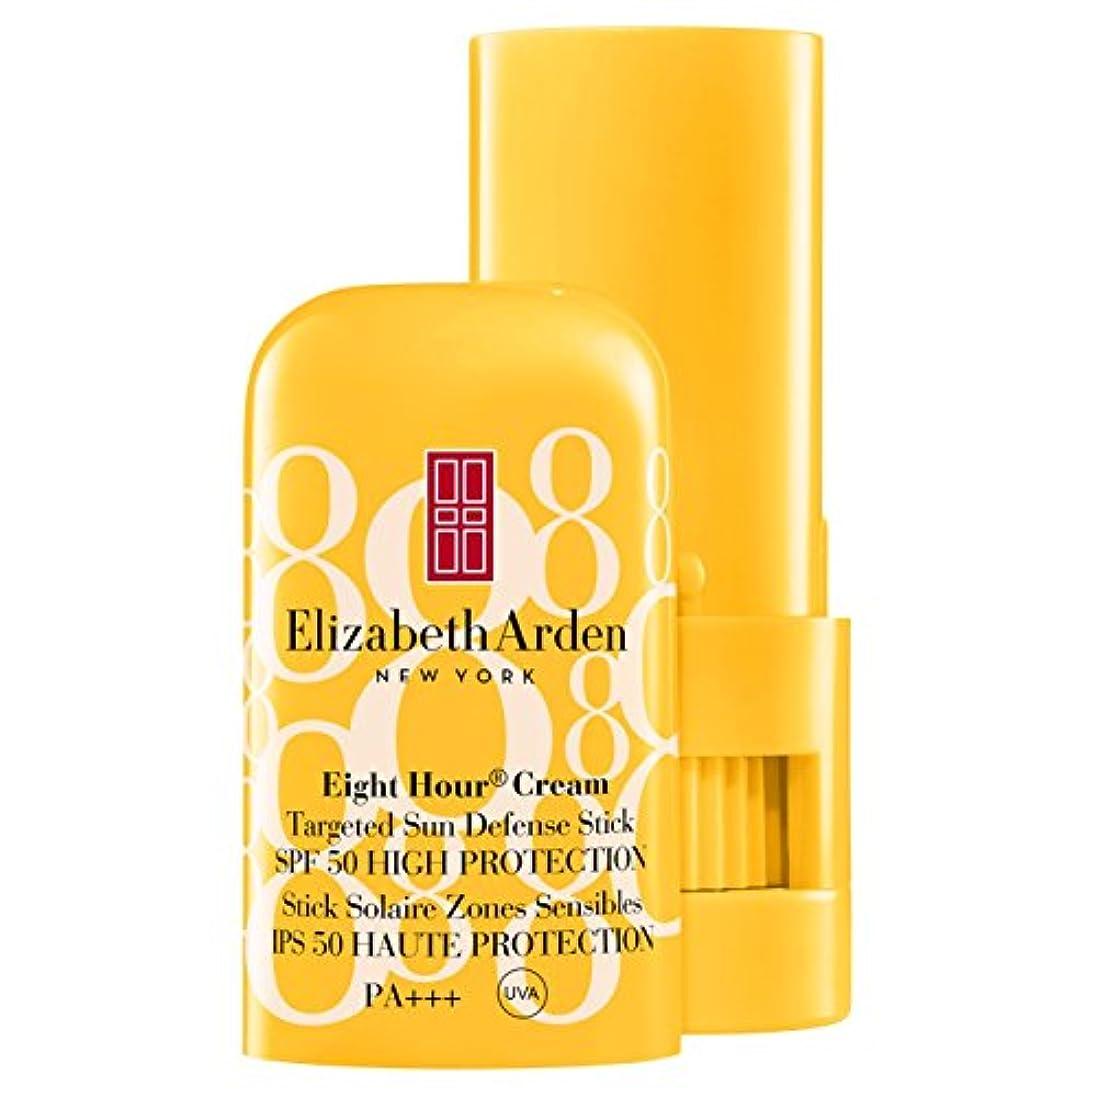 第四疲れた参照するElizabeth Arden Eight Hour? Cream Targeted Sun Defense Stick SPF50 High Protection 15ml (Pack of 6) - エリザベスアーデン...